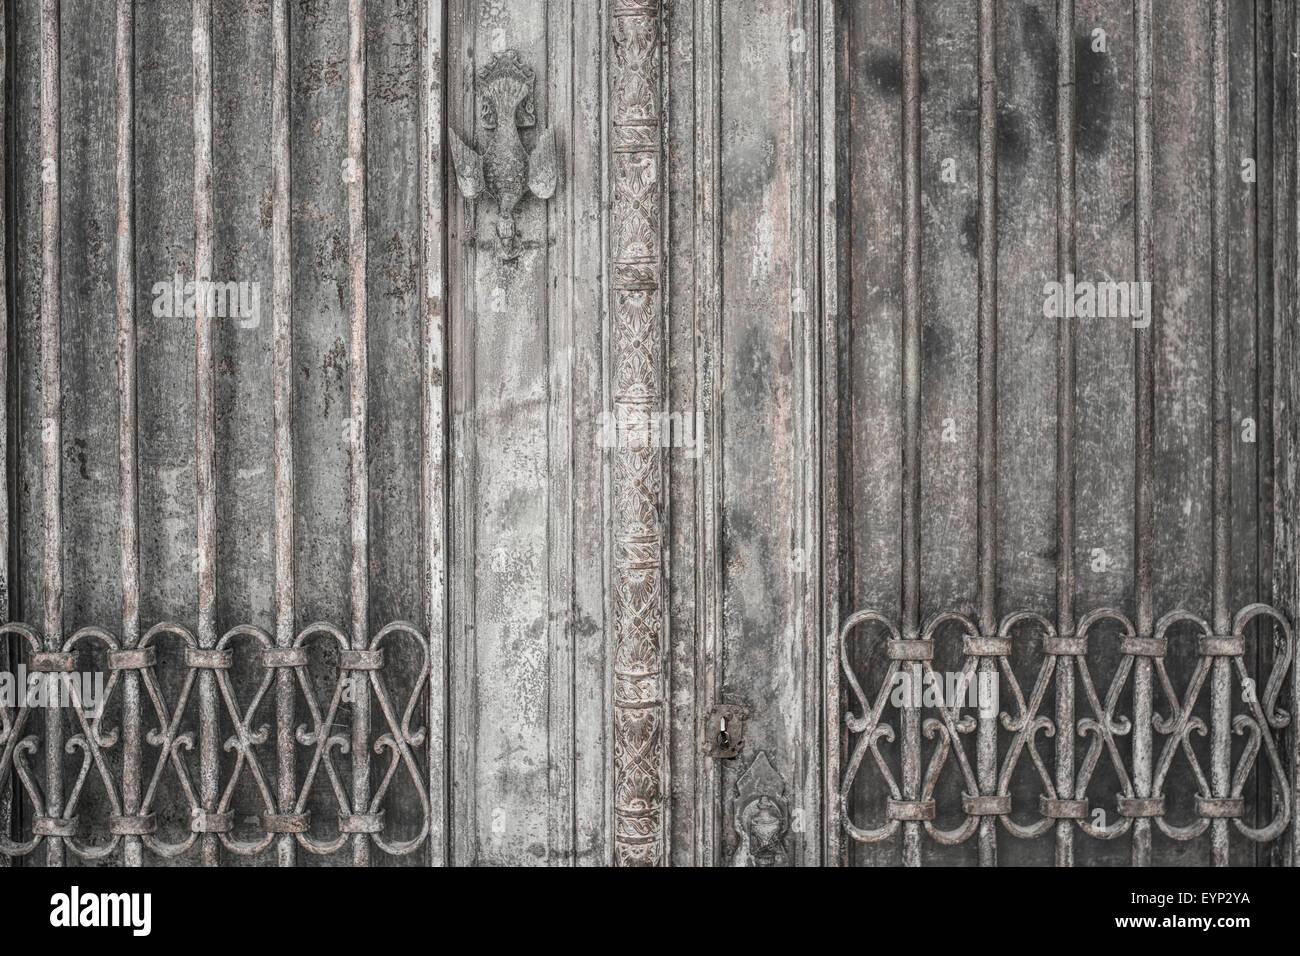 metal door rusty corroded texture background - Stock Image